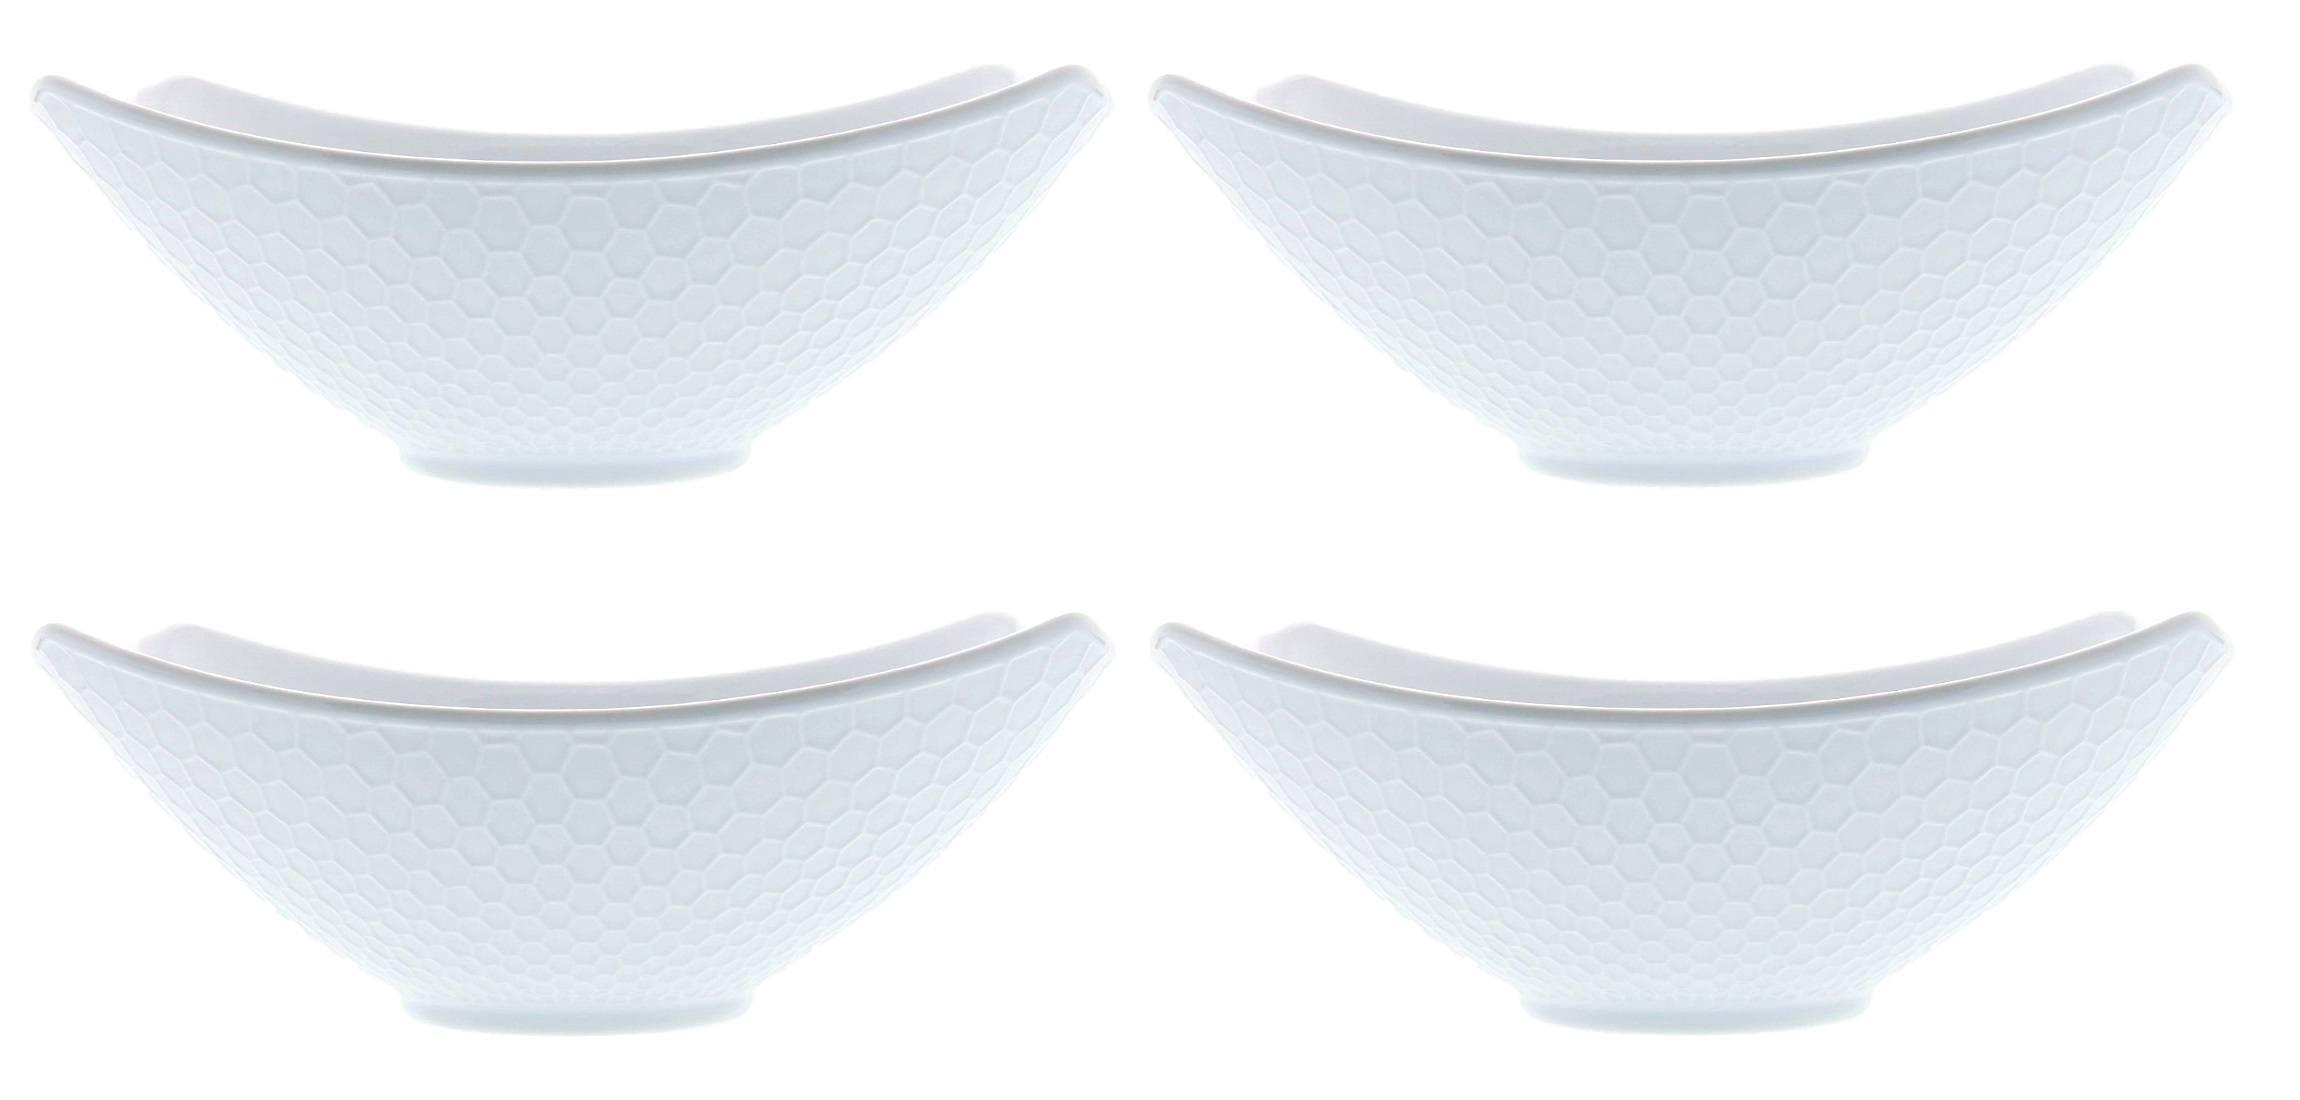 Over and Back Honeycomb Porcelain Serving Bowls - Set of 4 | eBay